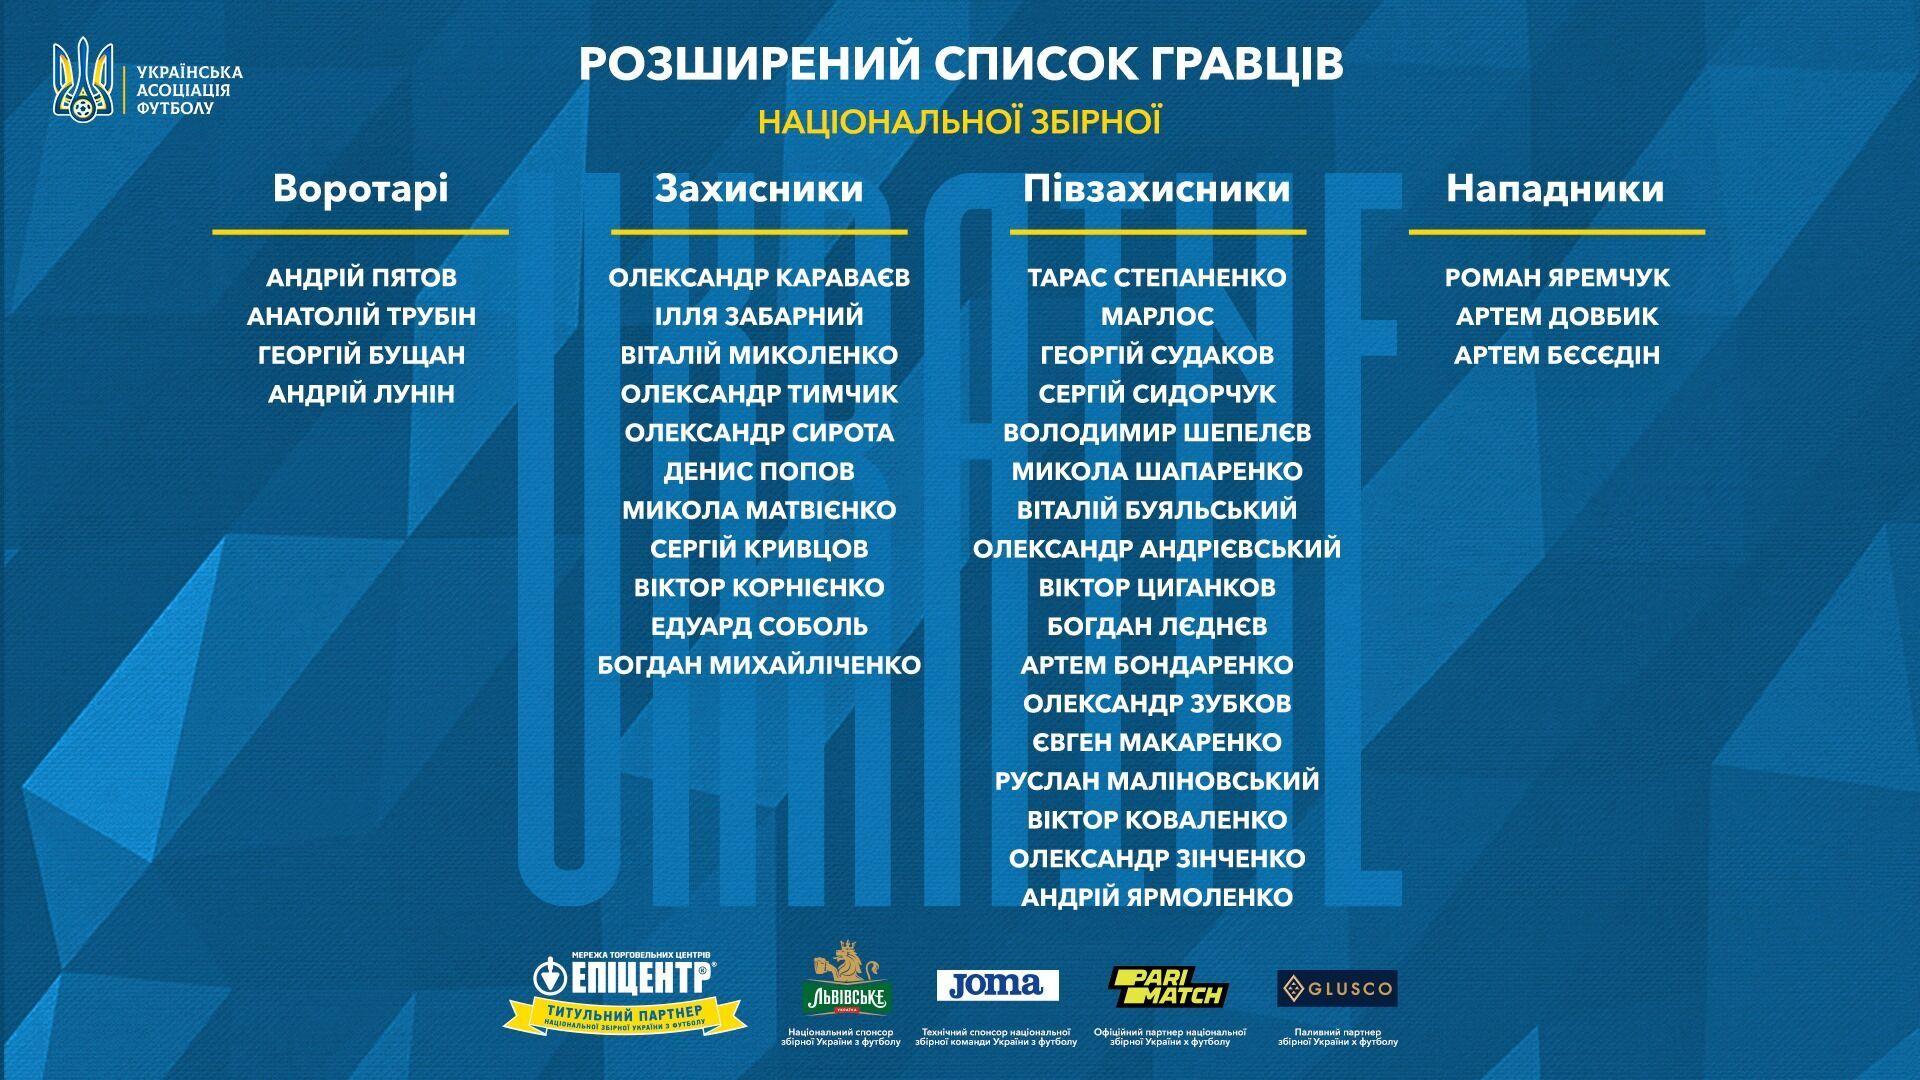 Состав сборной Украины